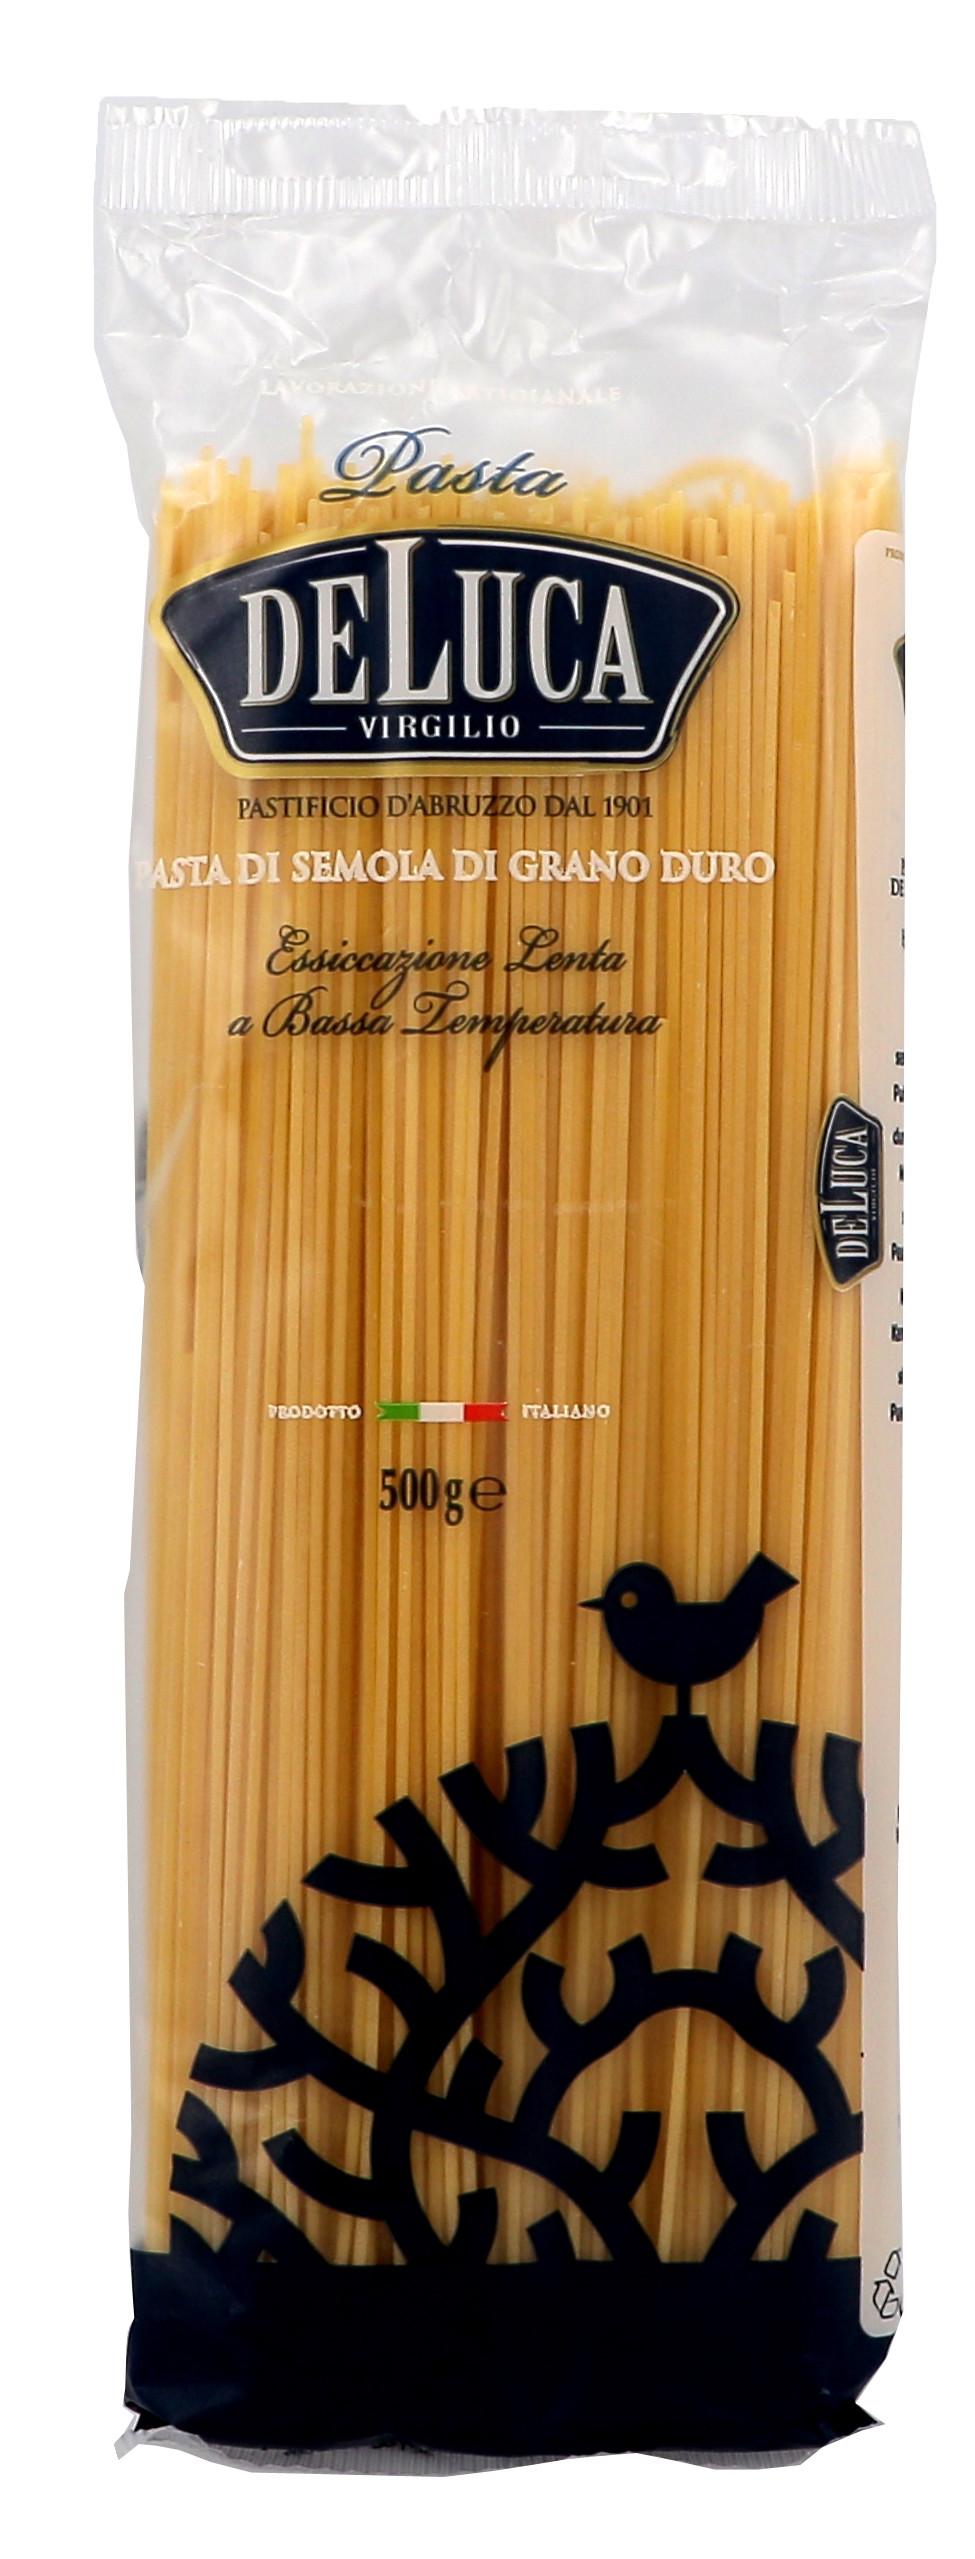 Pasta De Luca Fidelini Nº2 spaghetti 500gr zakjes